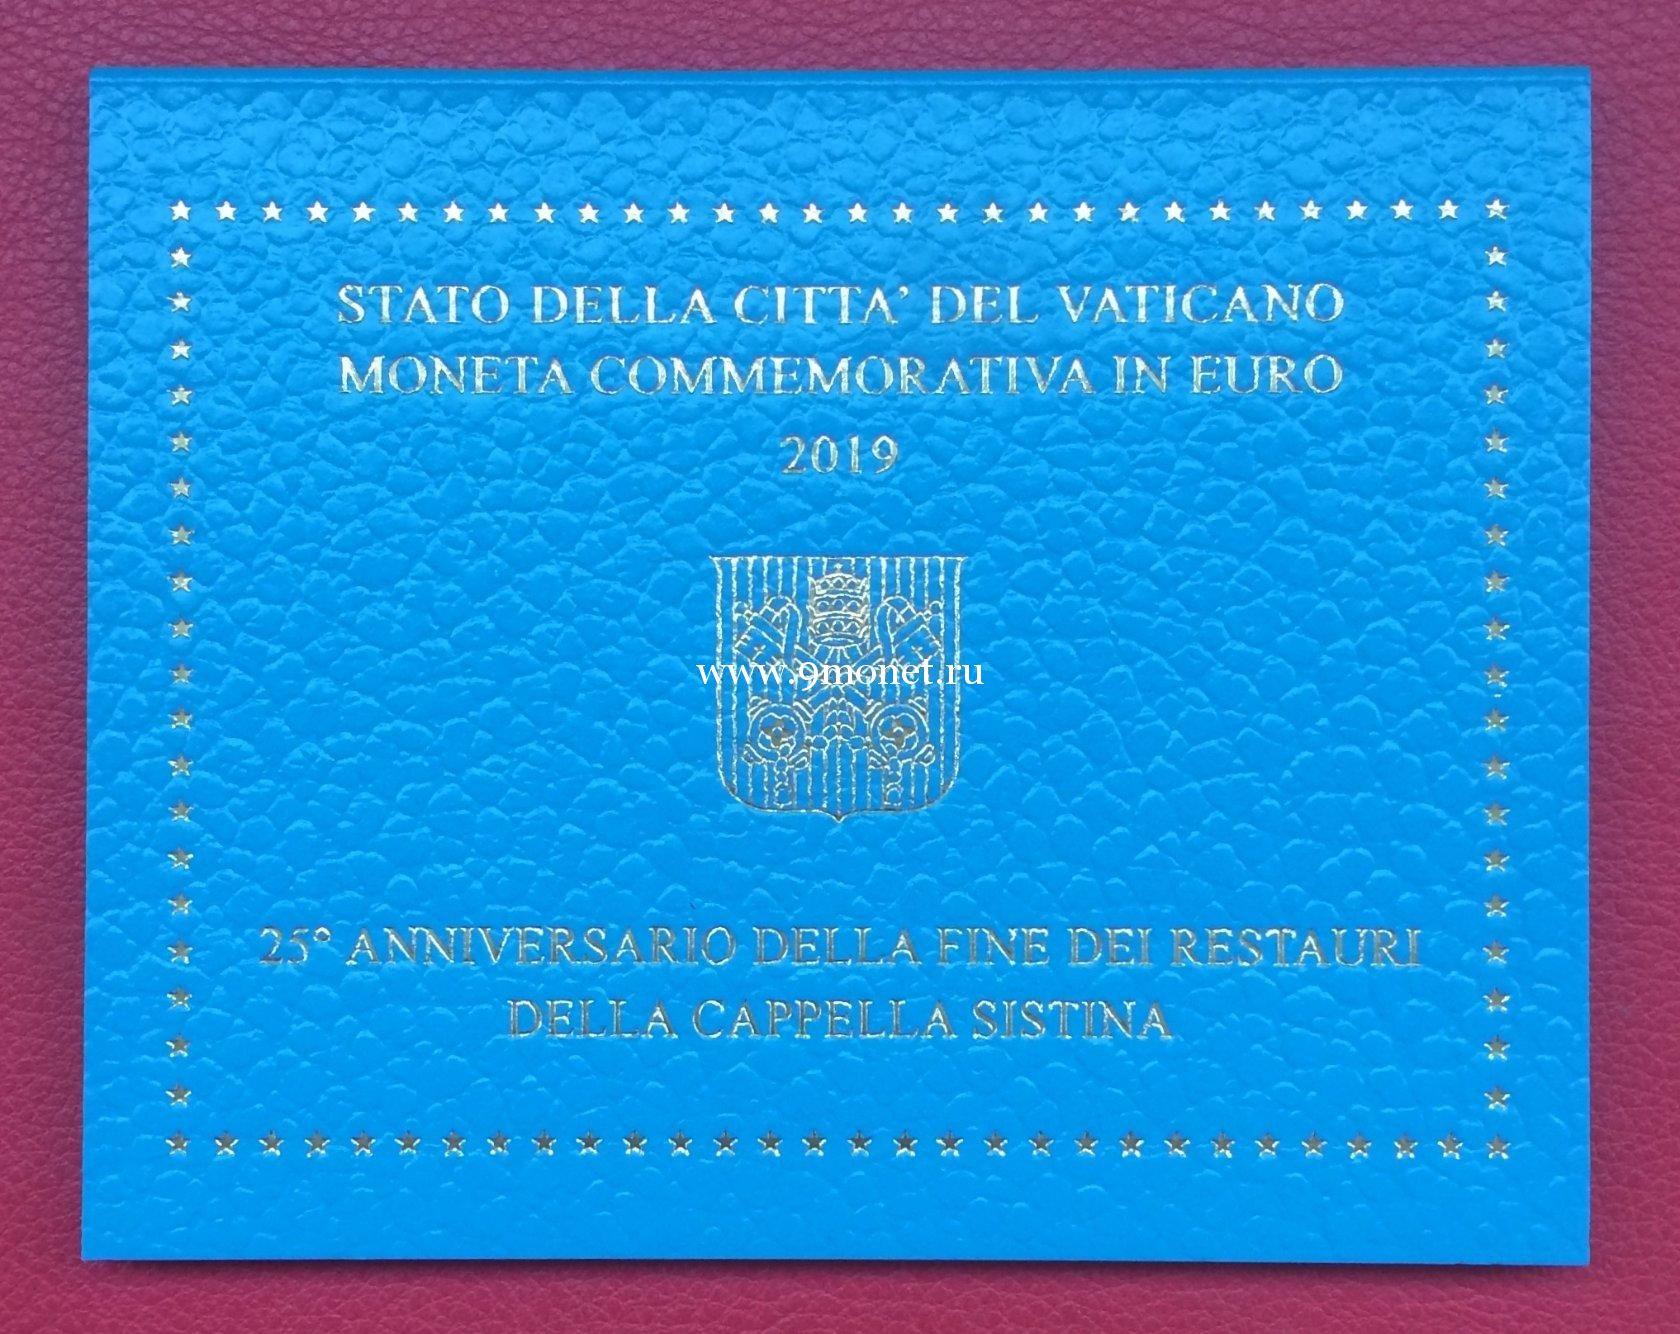 Ватикан 2 евро 2019 года 25 лет завершению реставрации Сикстинской капеллы.